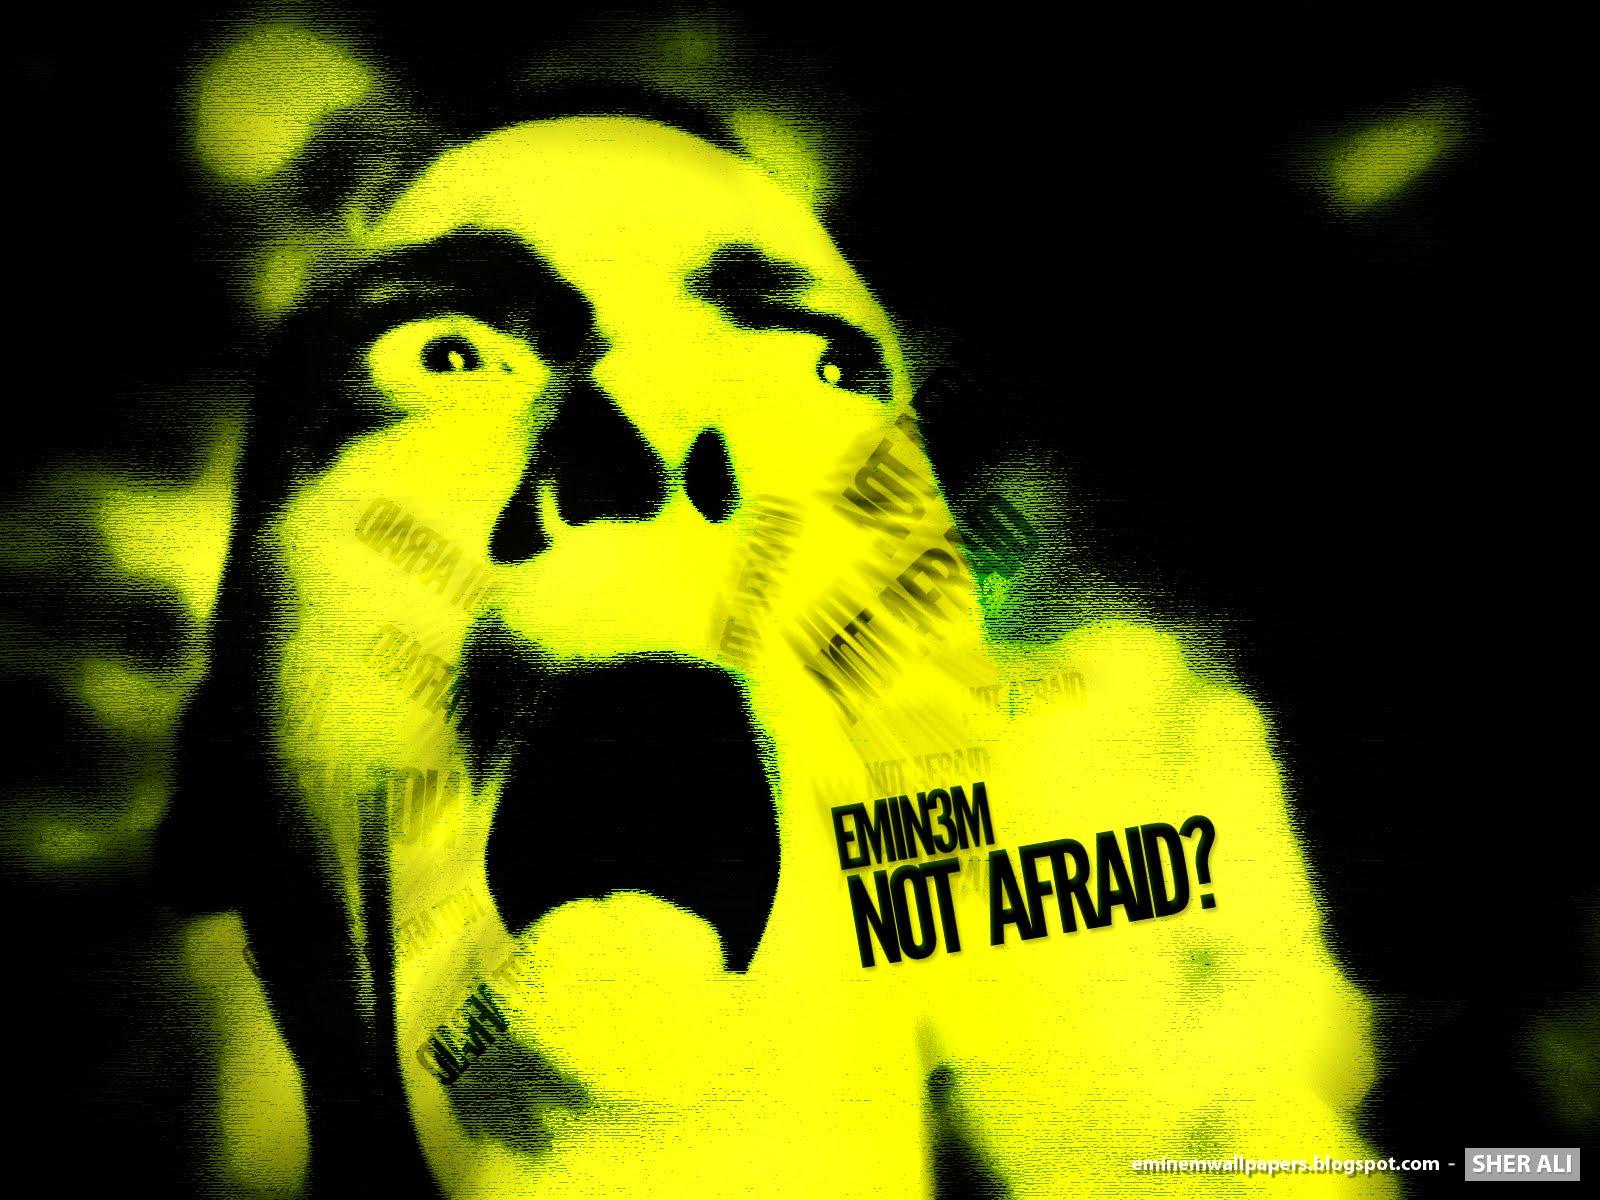 http://2.bp.blogspot.com/_STy5nejOM6k/S-BdGBlj3II/AAAAAAAAFI0/Ar8zIvFzeck/s1600/eminem+not+afraid.jpg